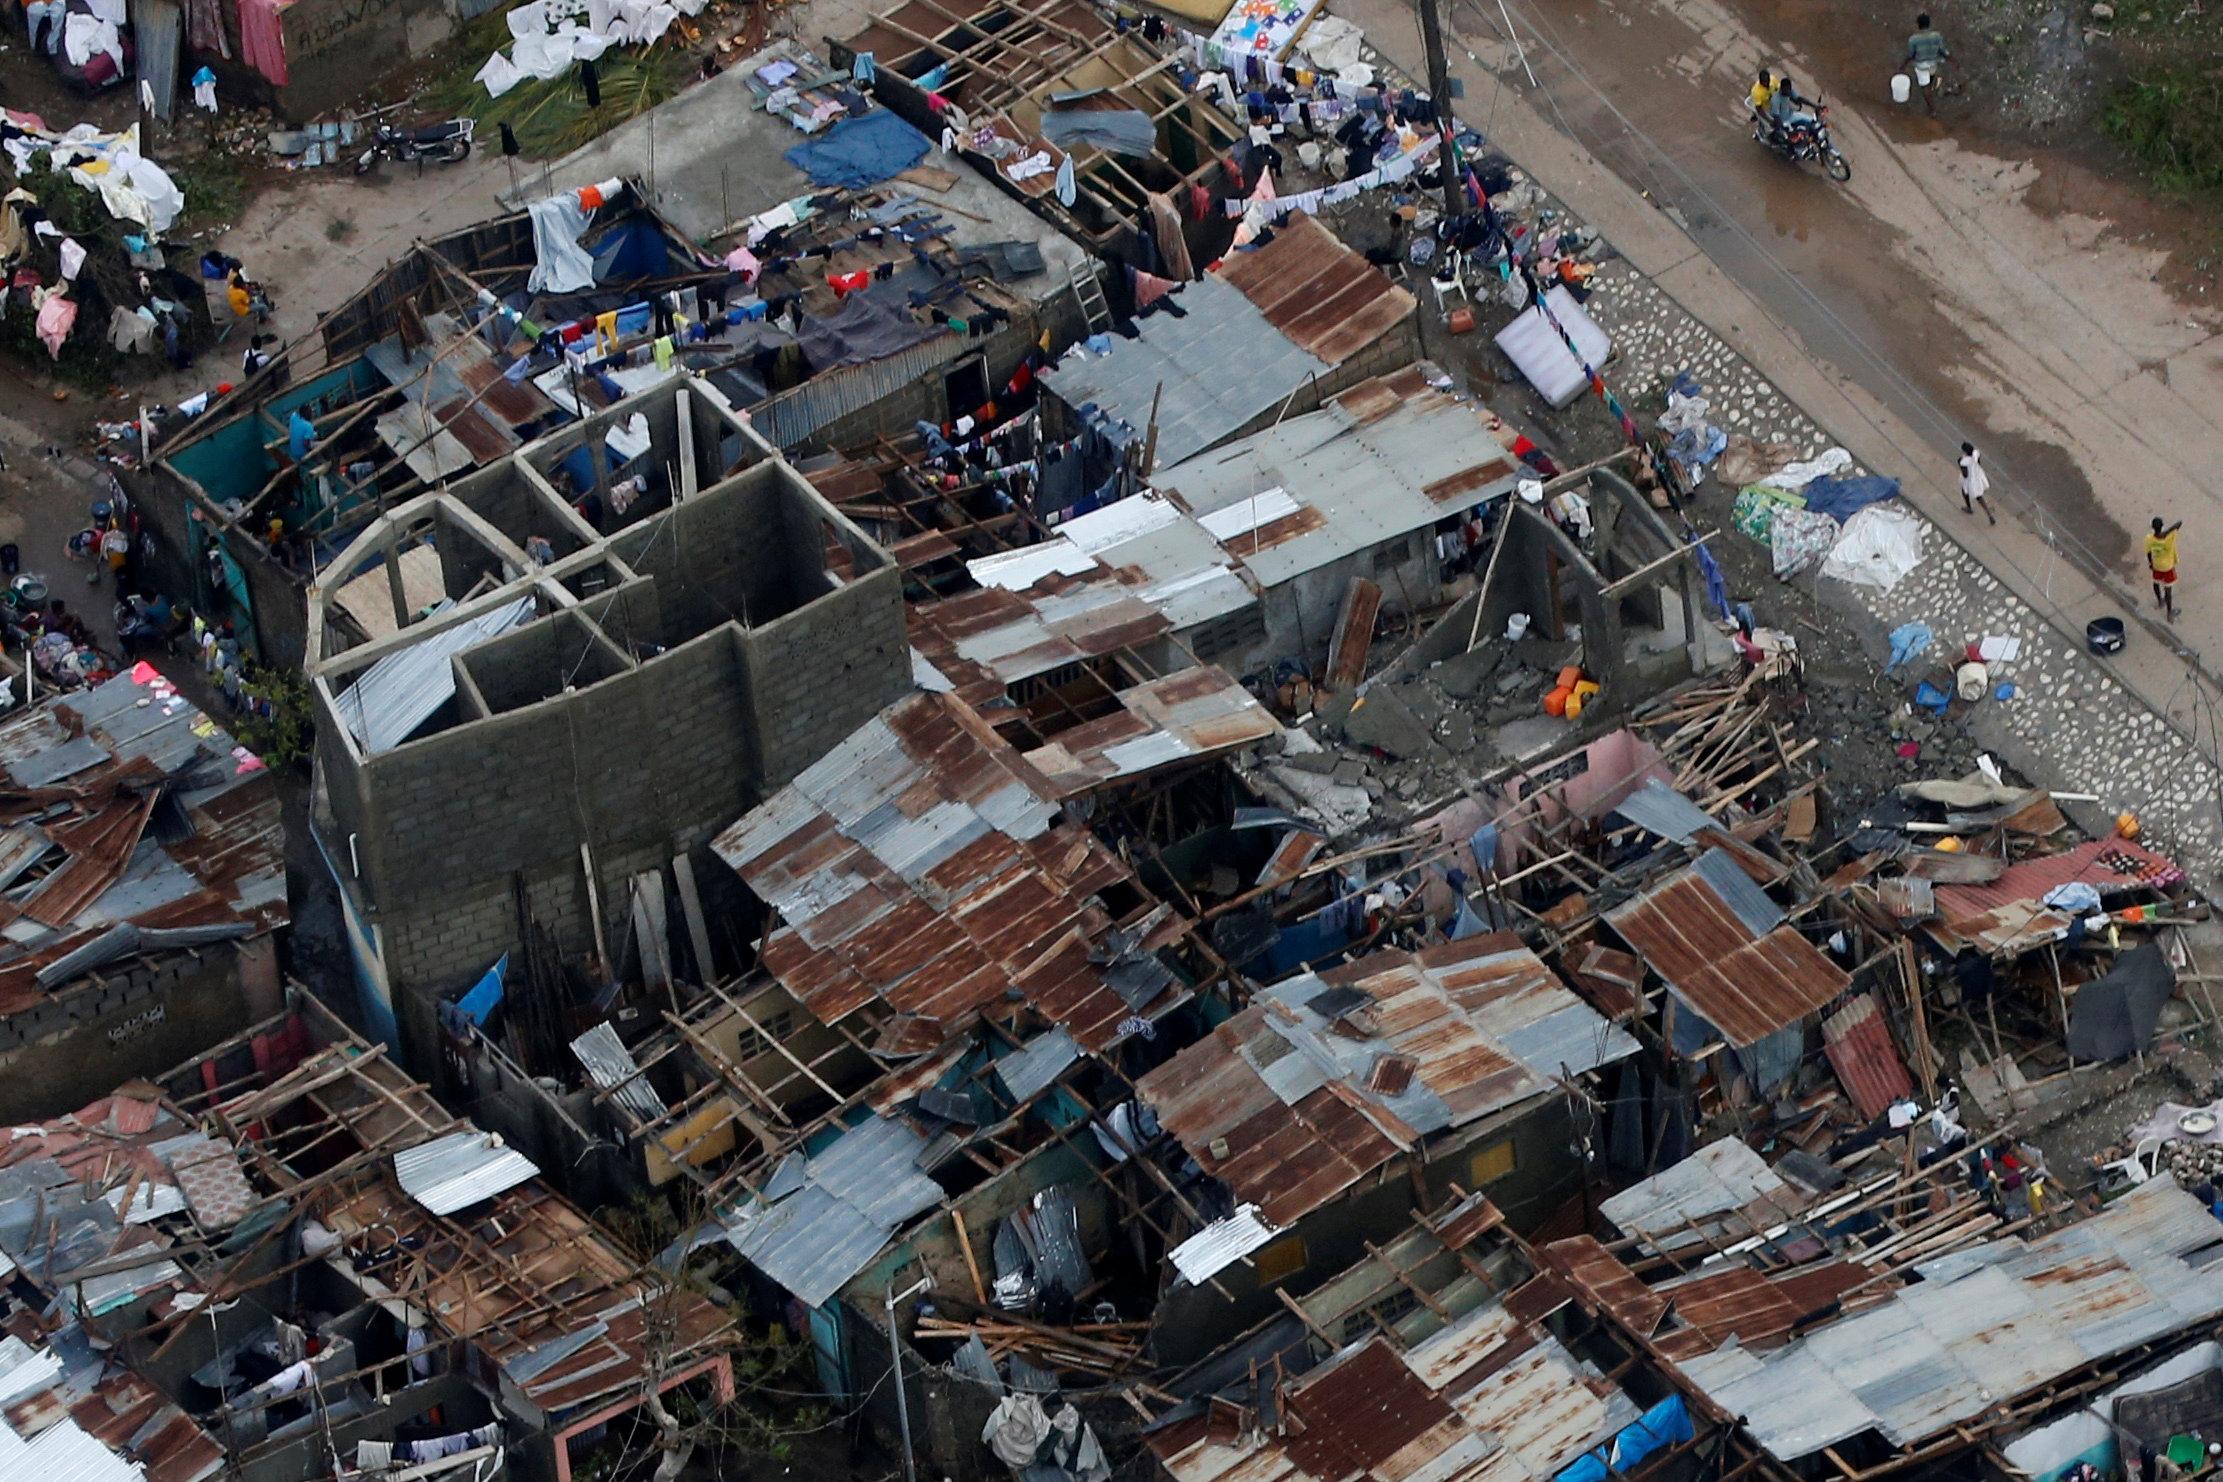 Como Es Vivir En Haiti casi 900 muertos en haití tras el paso del huracán matthew